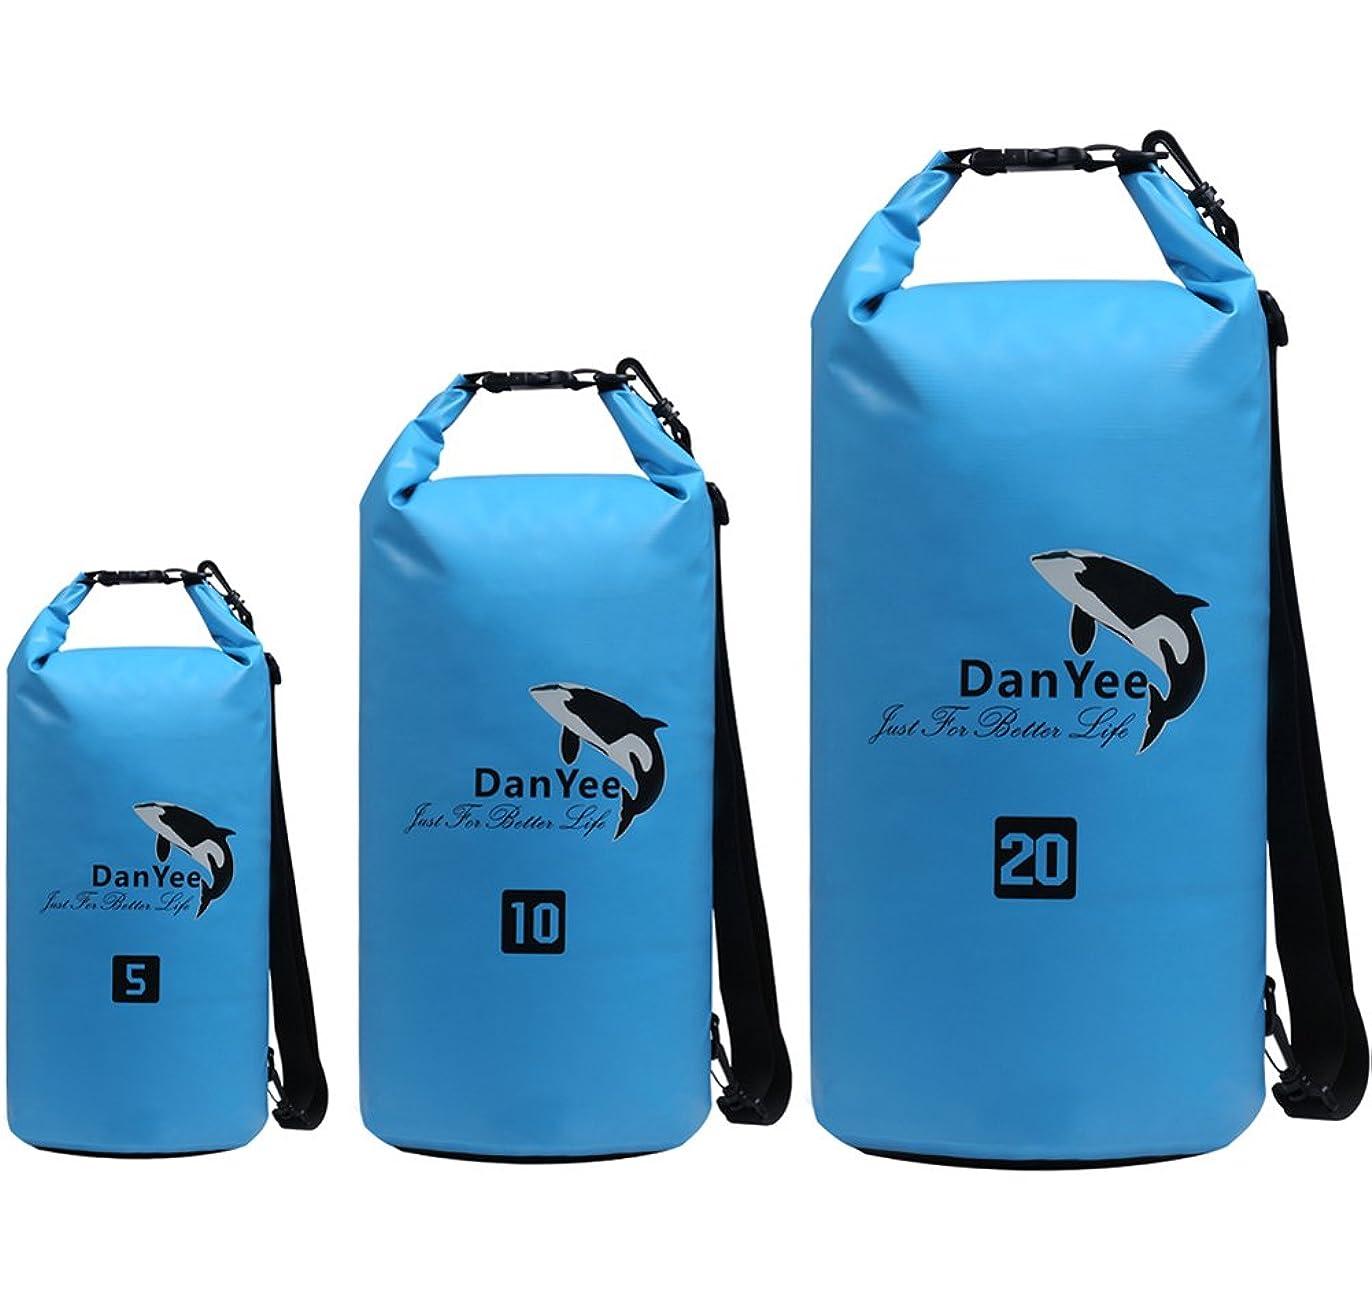 バンドル小競り合い知事ドライバッグ 防水ポーチ [Danyee一年間保証] 5L 10L 20L 3色全 アウトドア 釣り 海水浴 防災 旅行